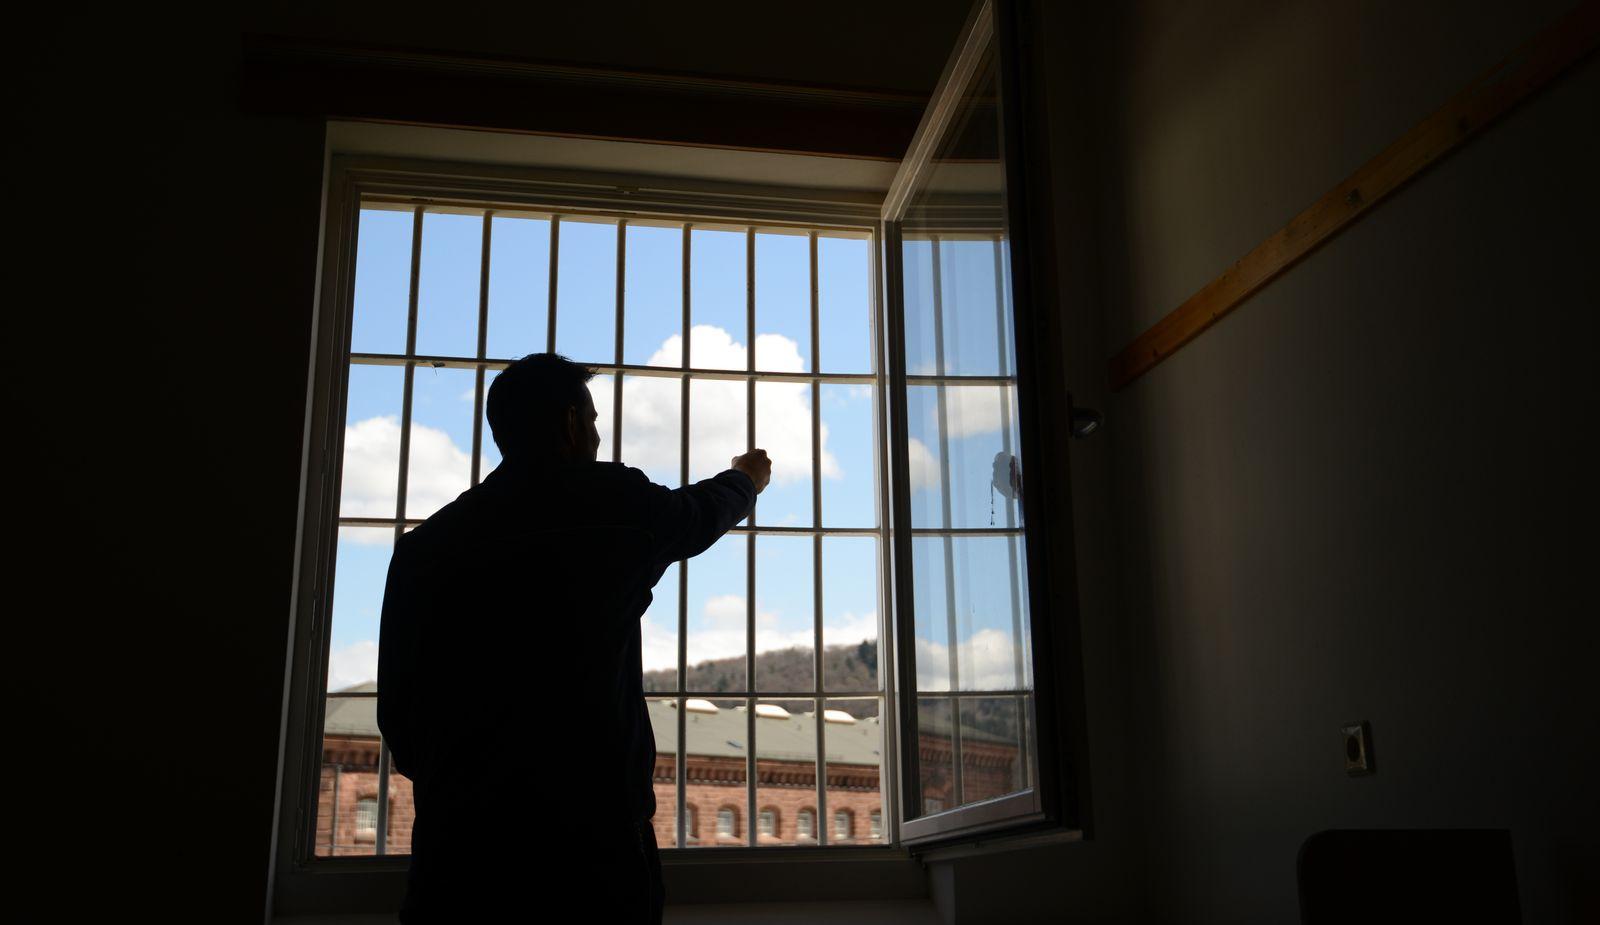 Gefängnis/ Fenster/ Sicherungsverwahrung